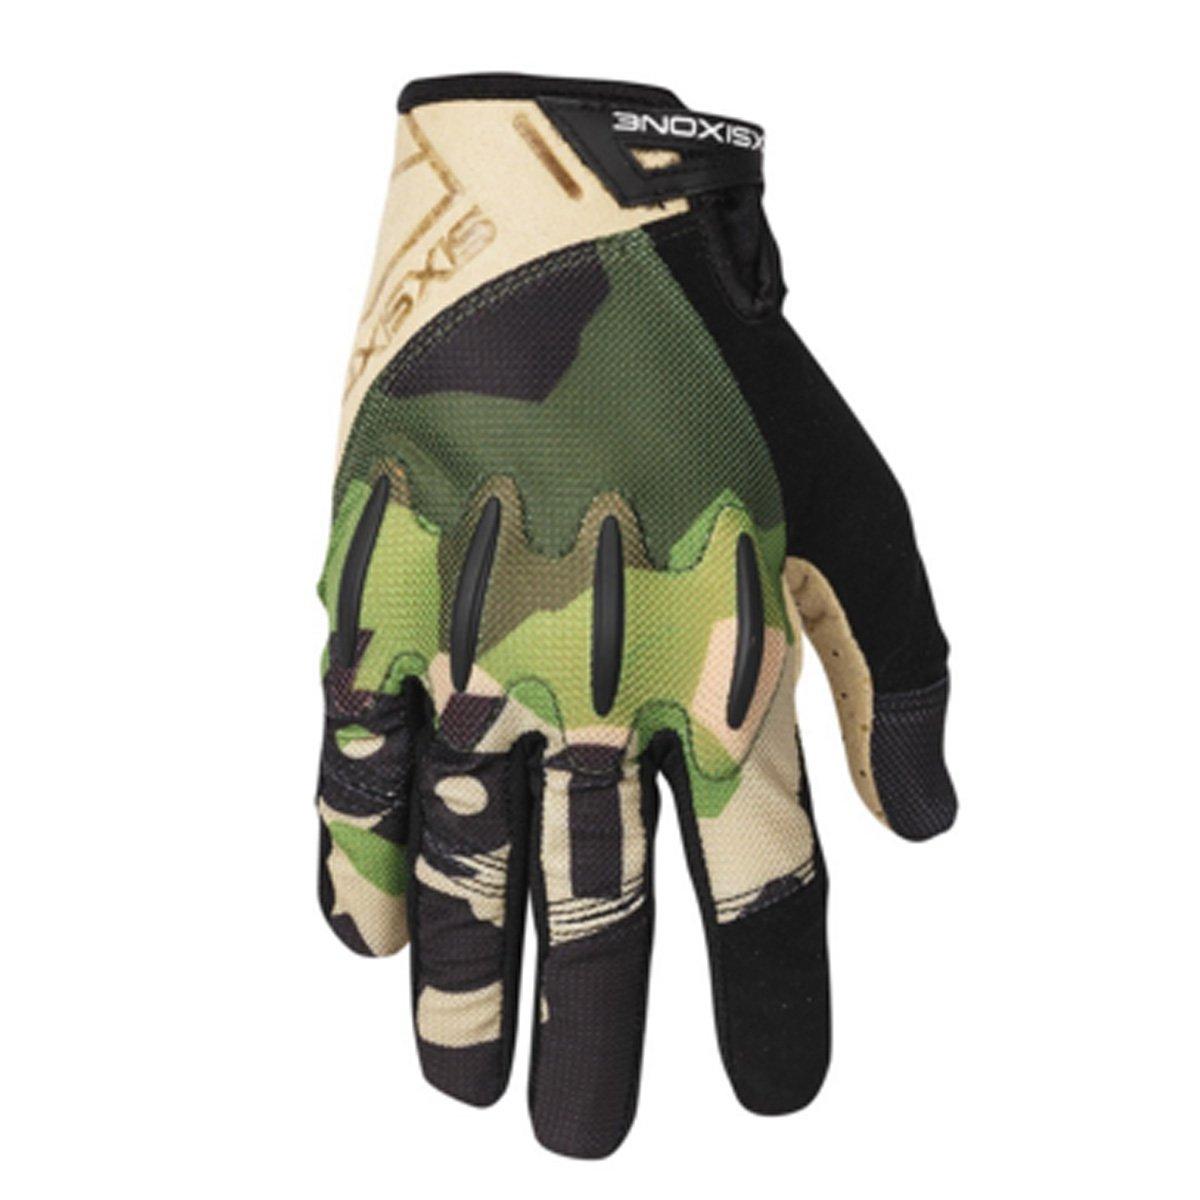 SixSixOne Handschuhe Evo II Oliv Gr. XXL